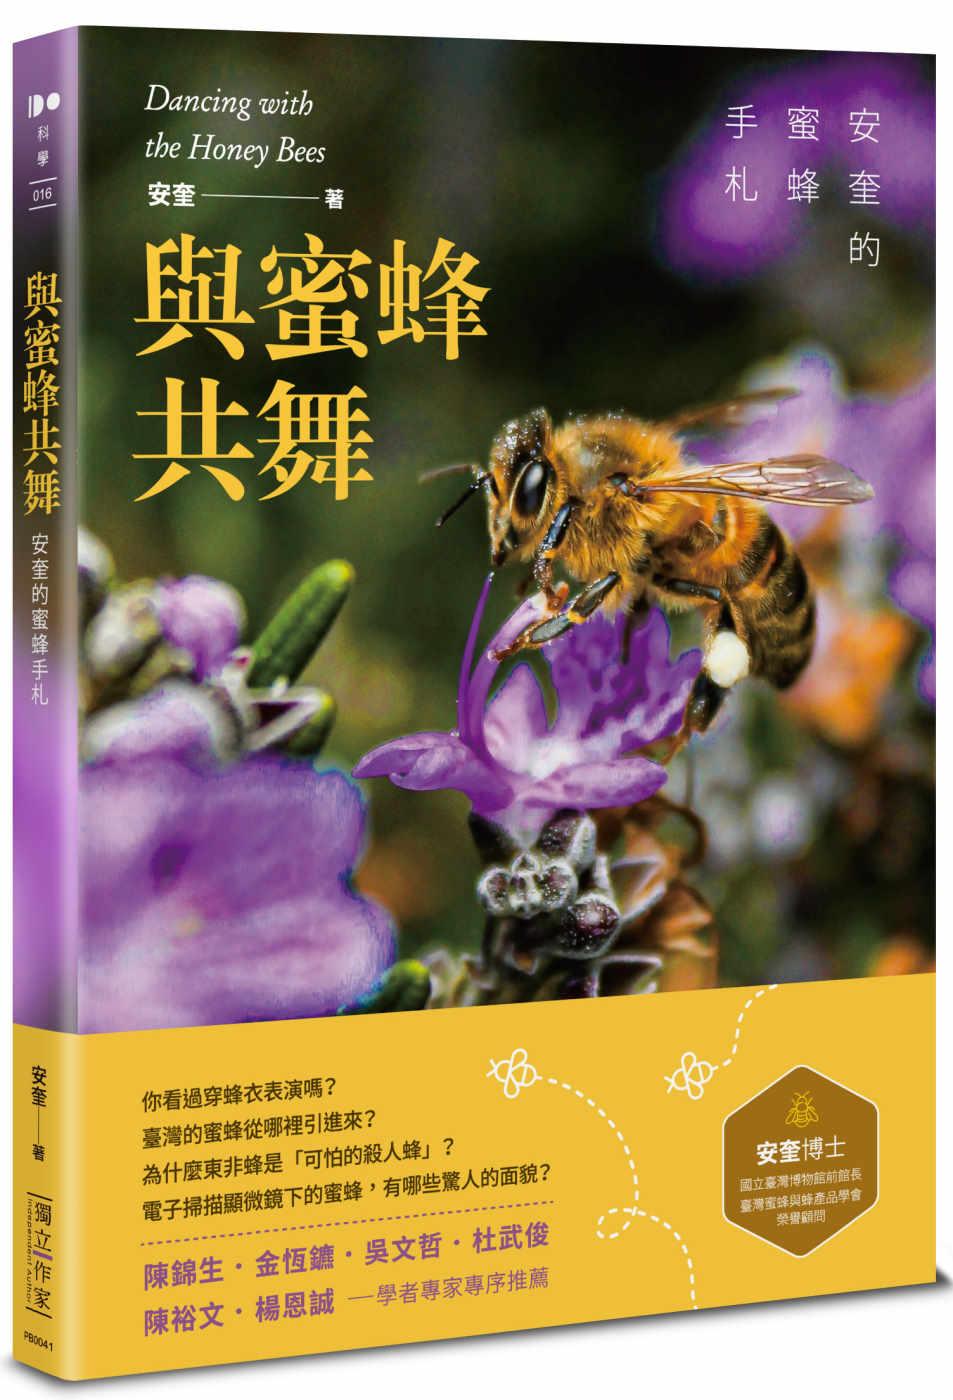 與蜜蜂共舞──安奎的蜜蜂手札